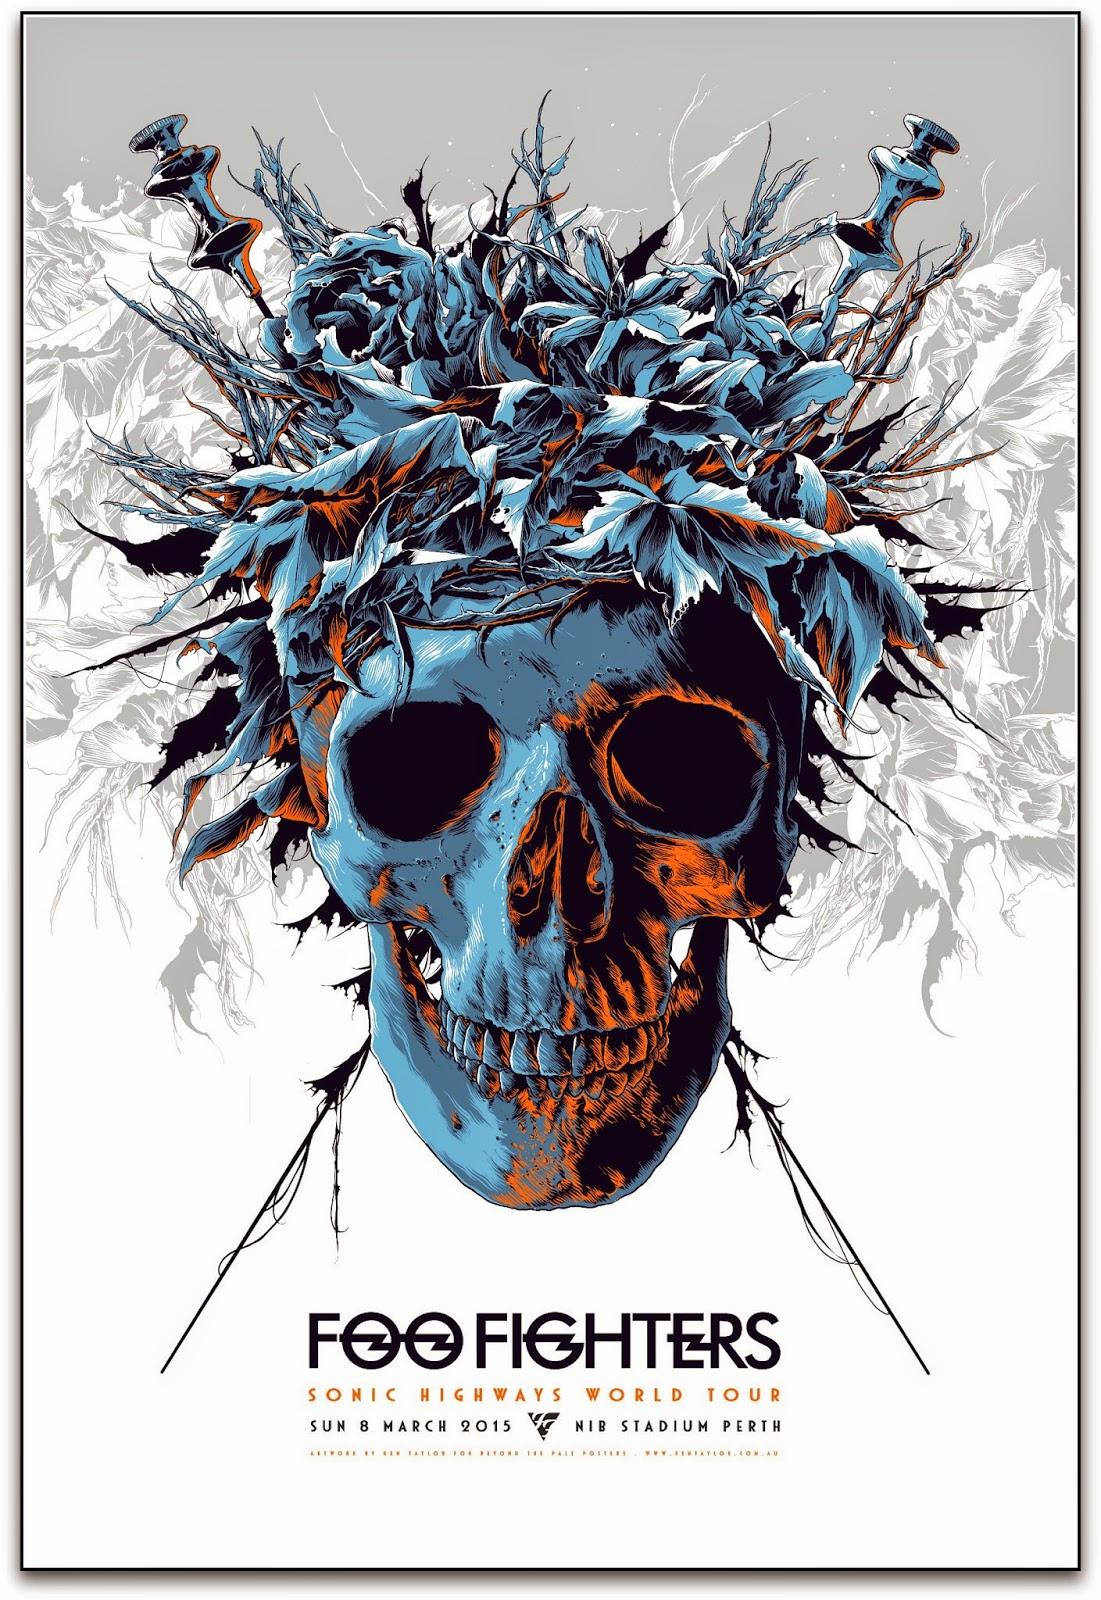 inside the rock poster frame blog foo fighters ken taylor